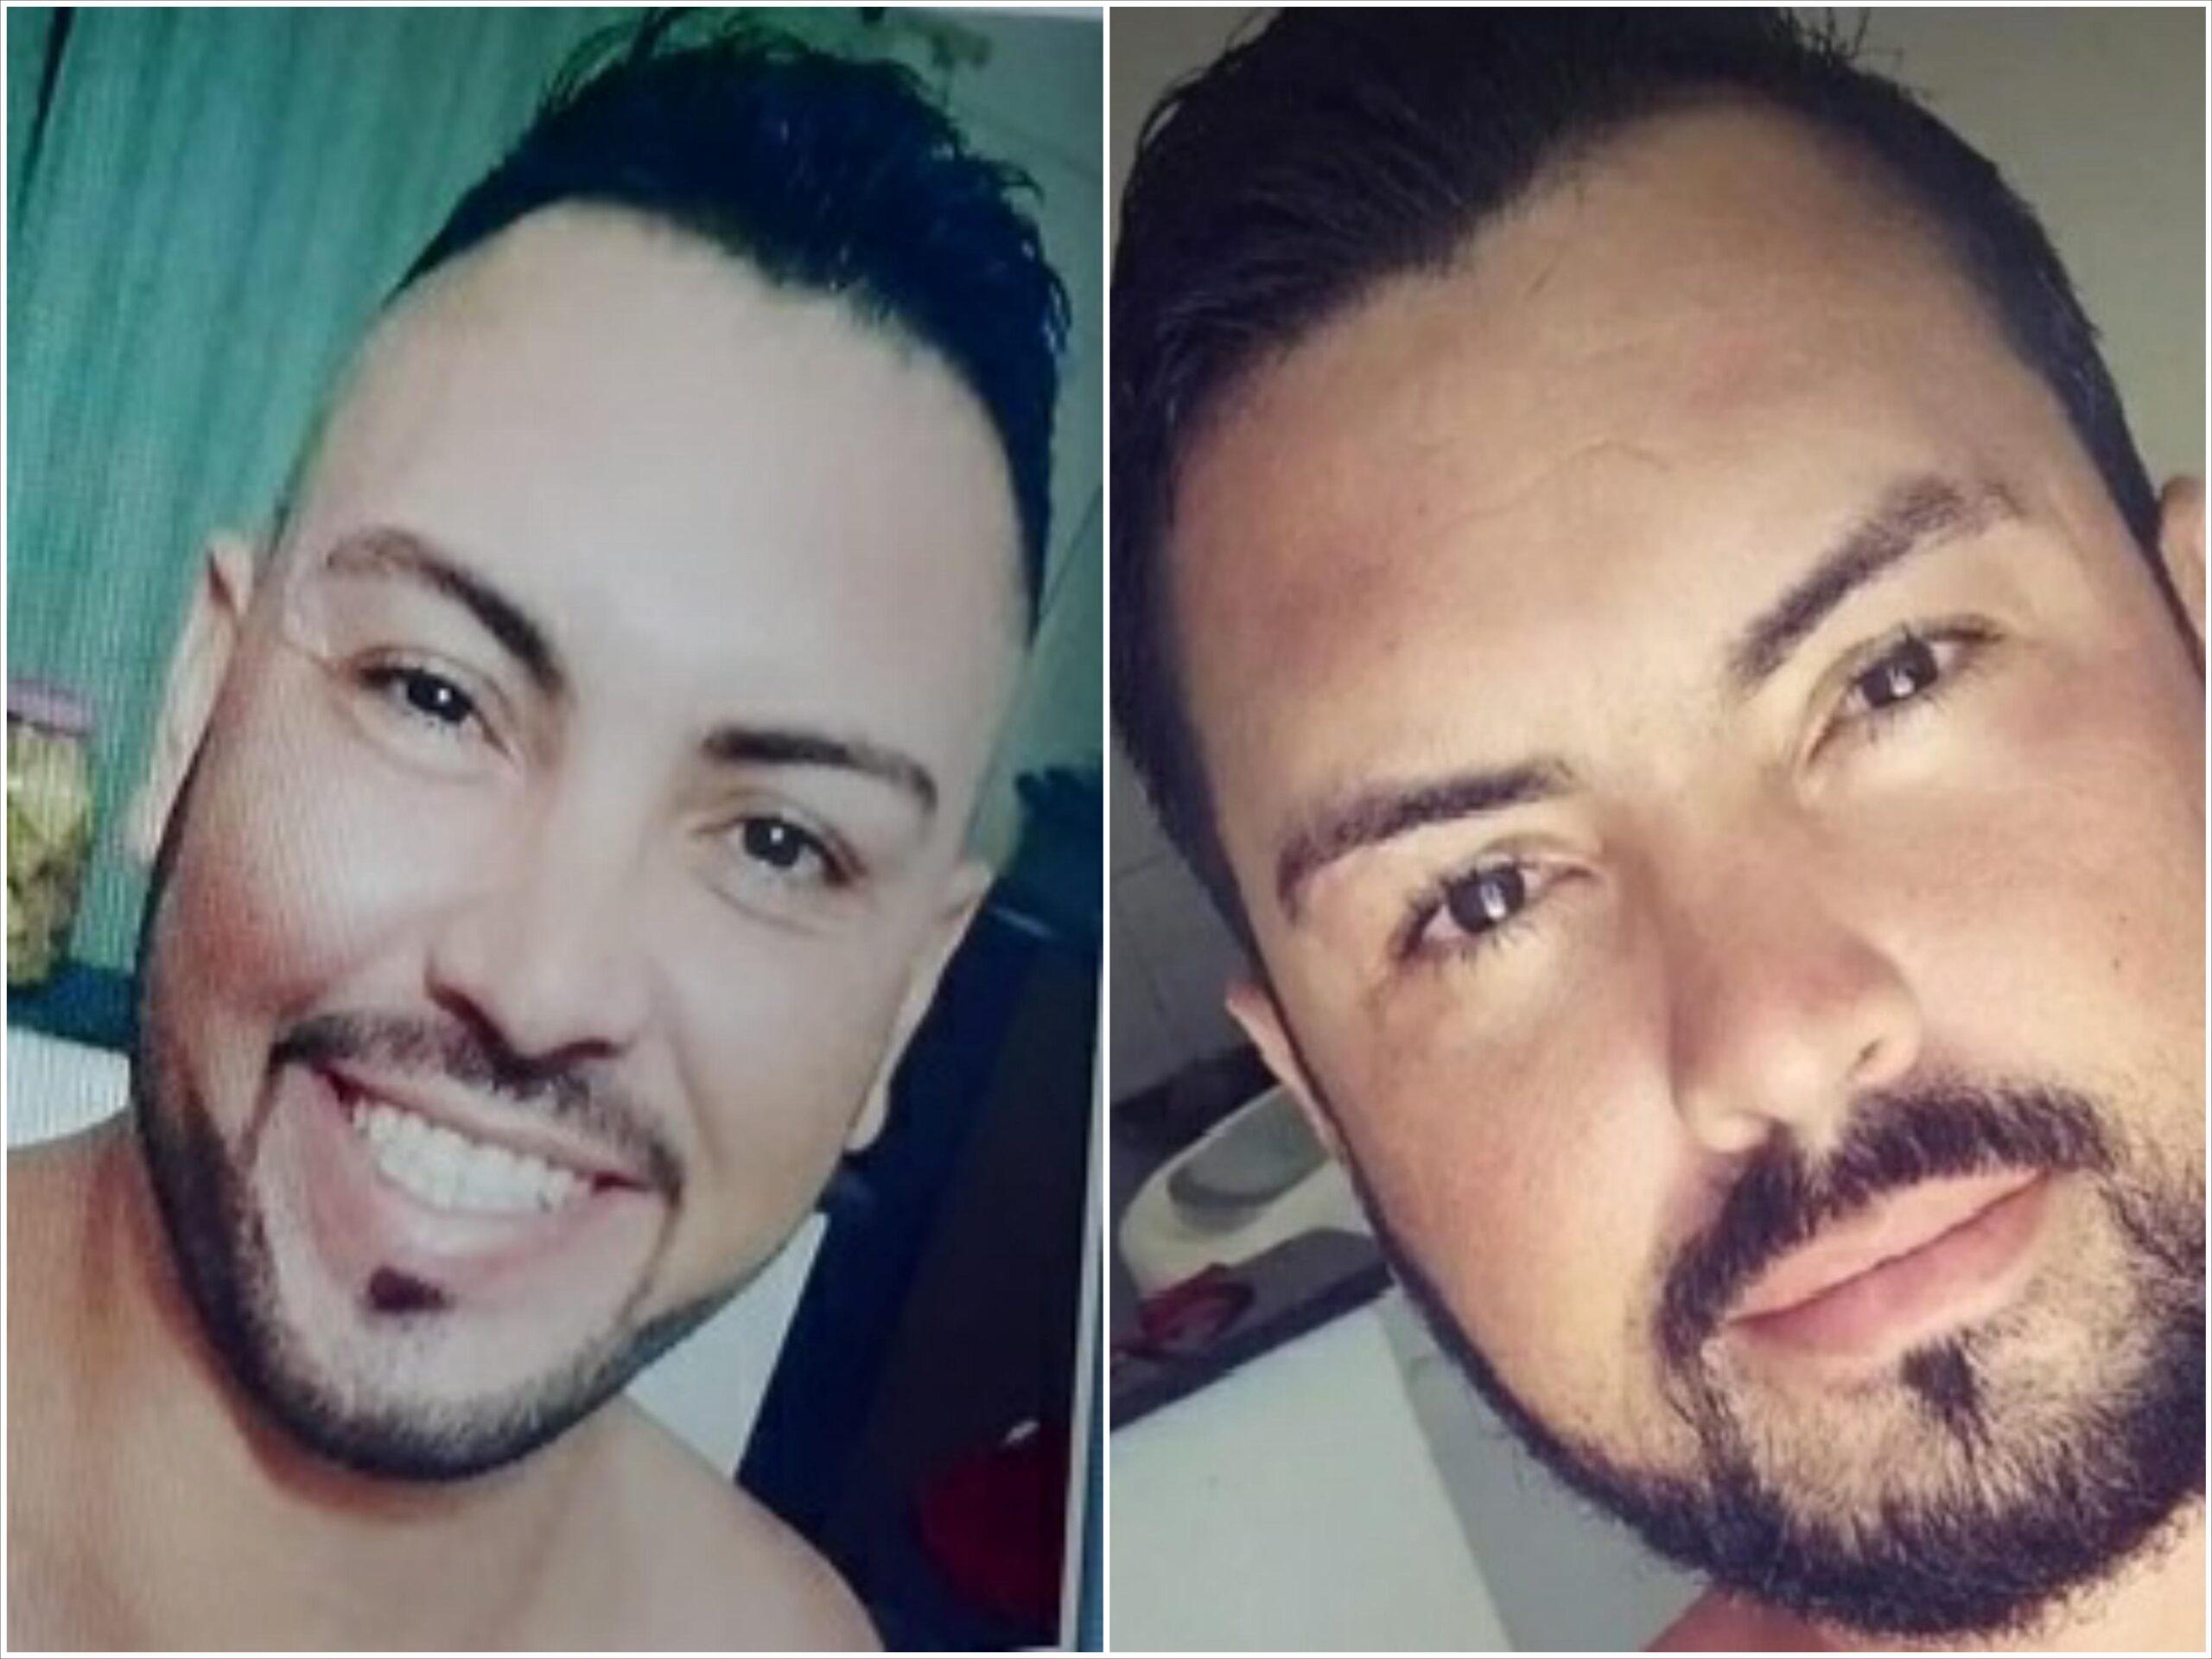 ACUSADO DE ESPANCAR MULHER EM ILHÉUS É CONSIDERADO FORAGIDO DA JUSTIÇA